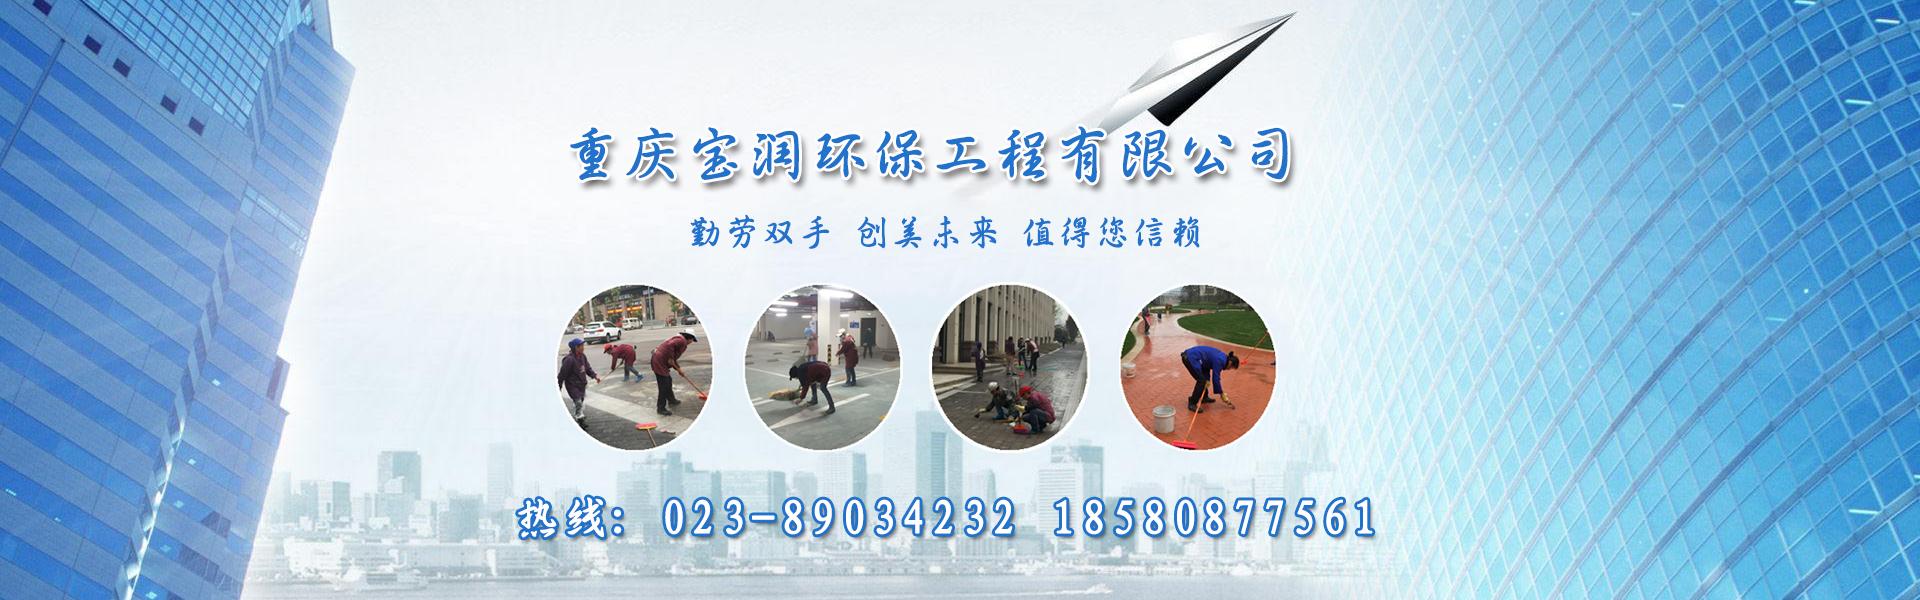 重庆外墙清洗海洋之神环保工作勤劳双手,创美未来,值得您的信赖